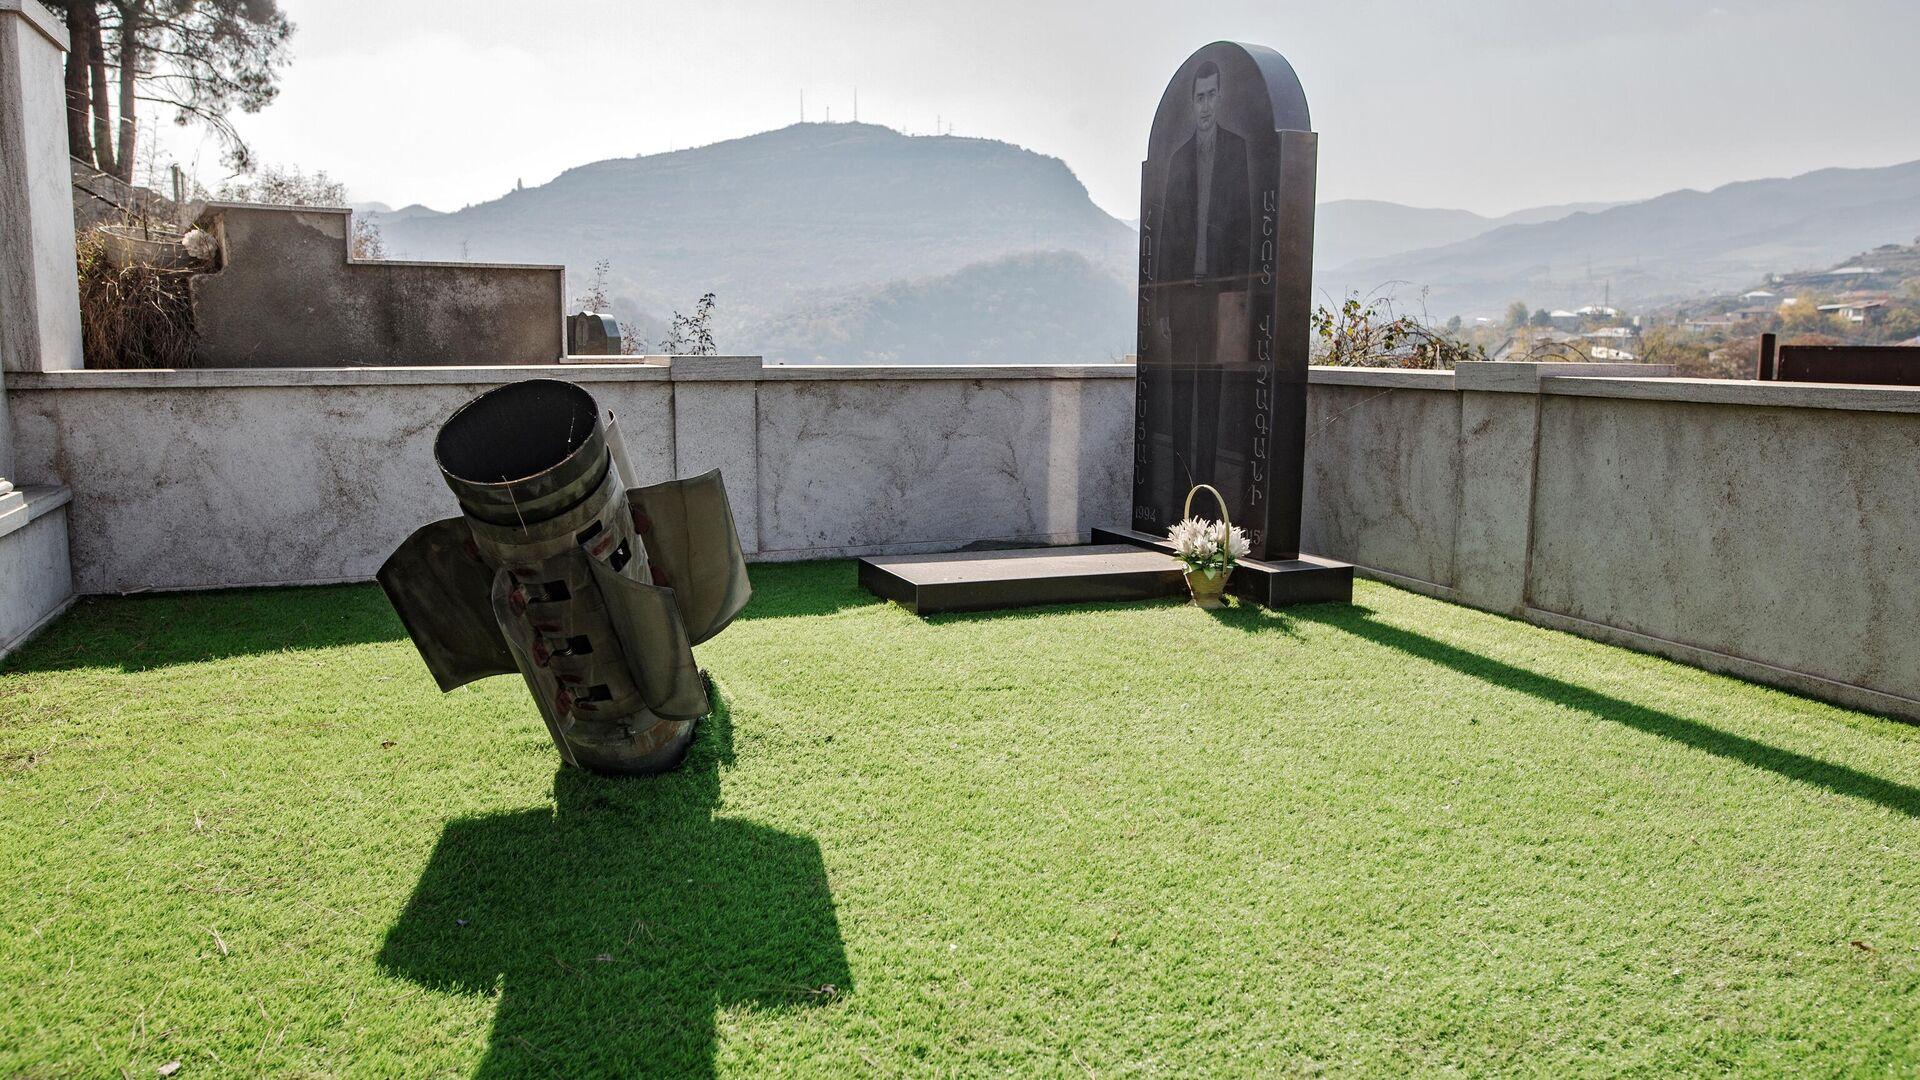 Часть реактивного снаряда, упавшего на кладбище в Степанакерте - РИА Новости, 1920, 04.11.2020